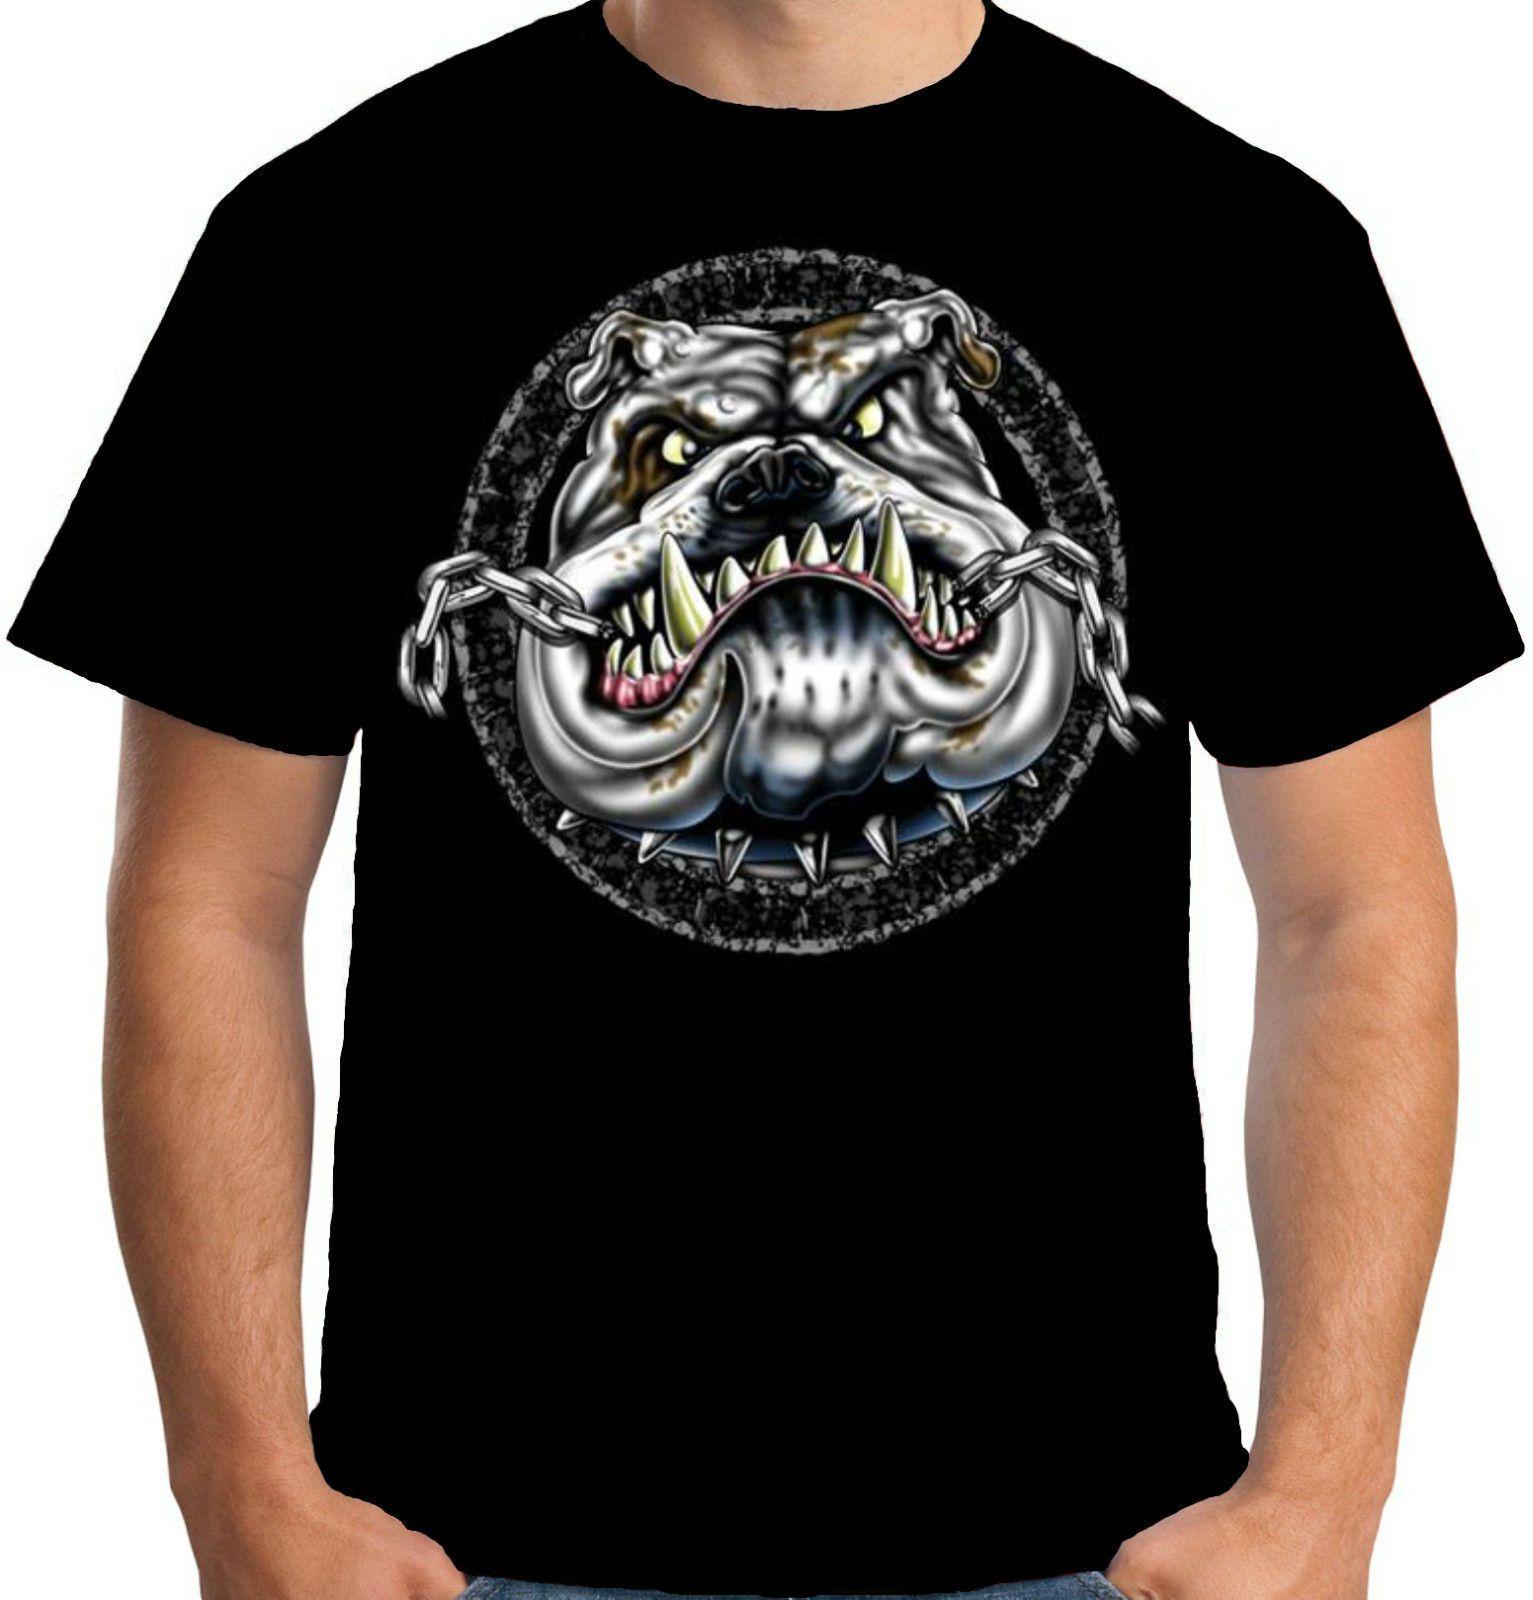 Výsledok vyhľadávania obrázkov pre dopyt angry bulldog t shirt